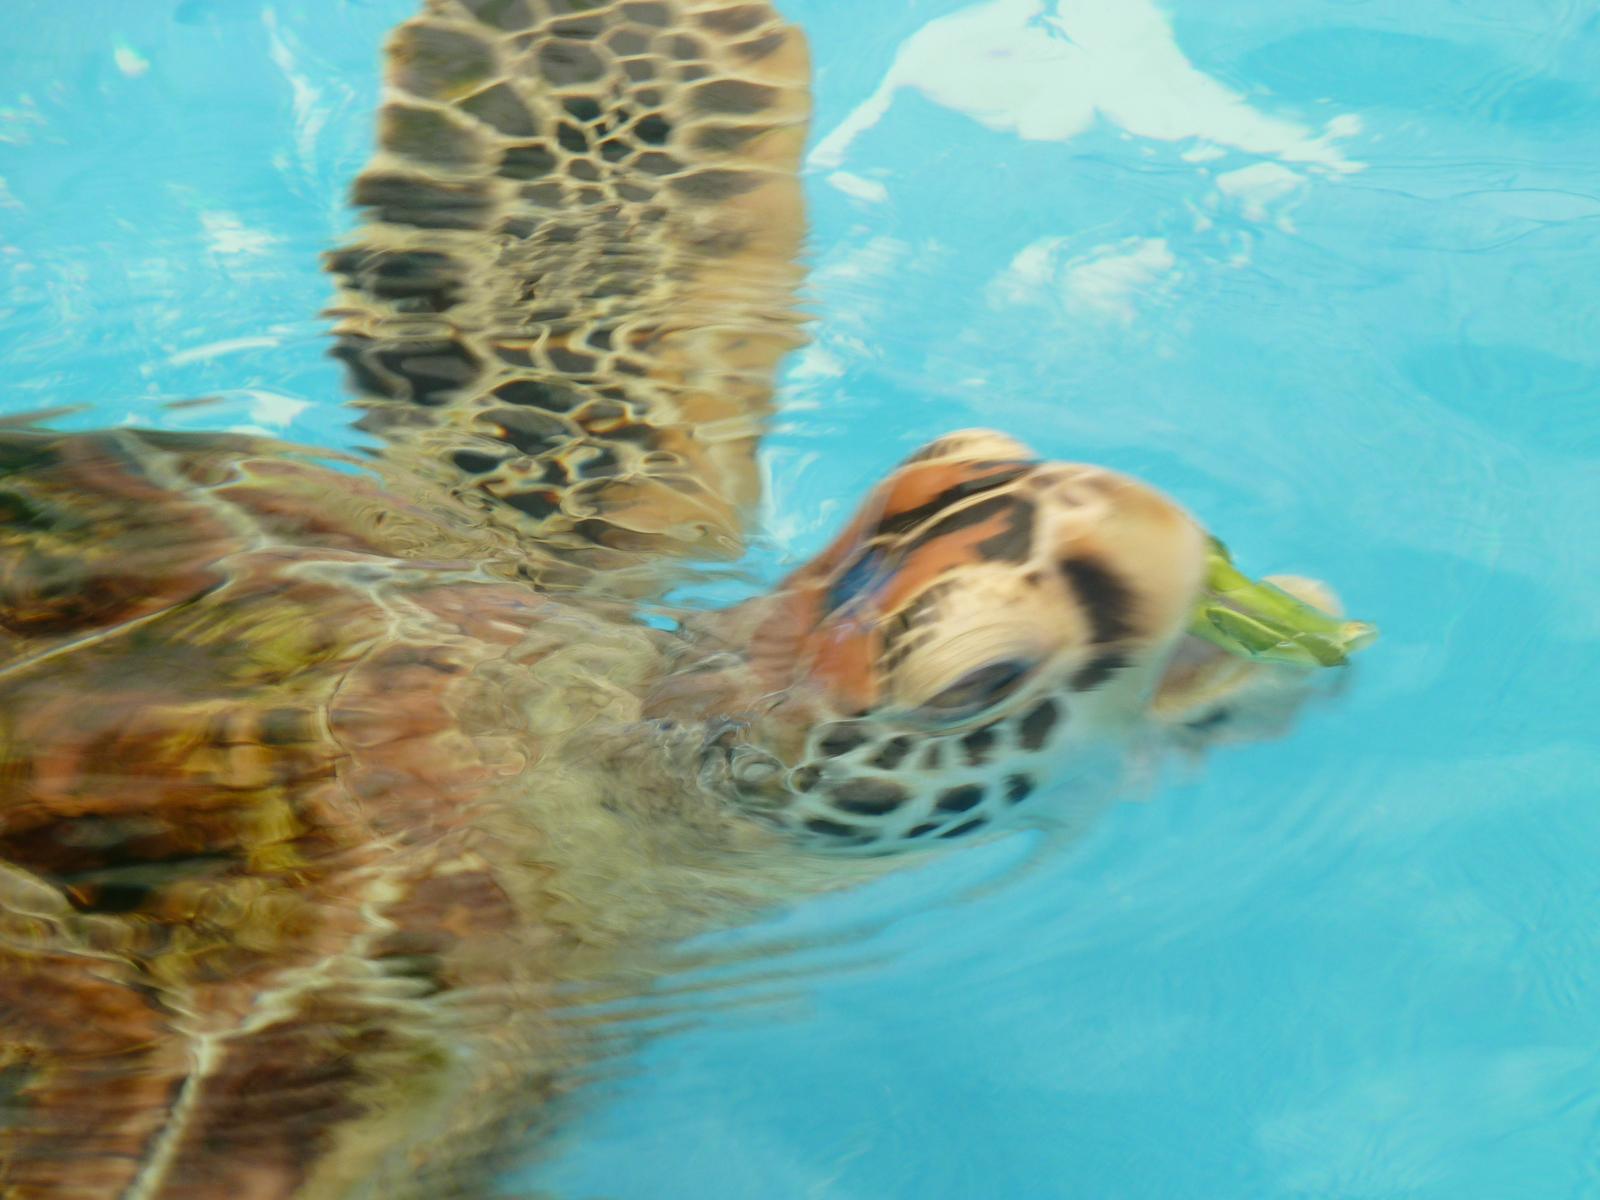 Rennie The Green Turtle